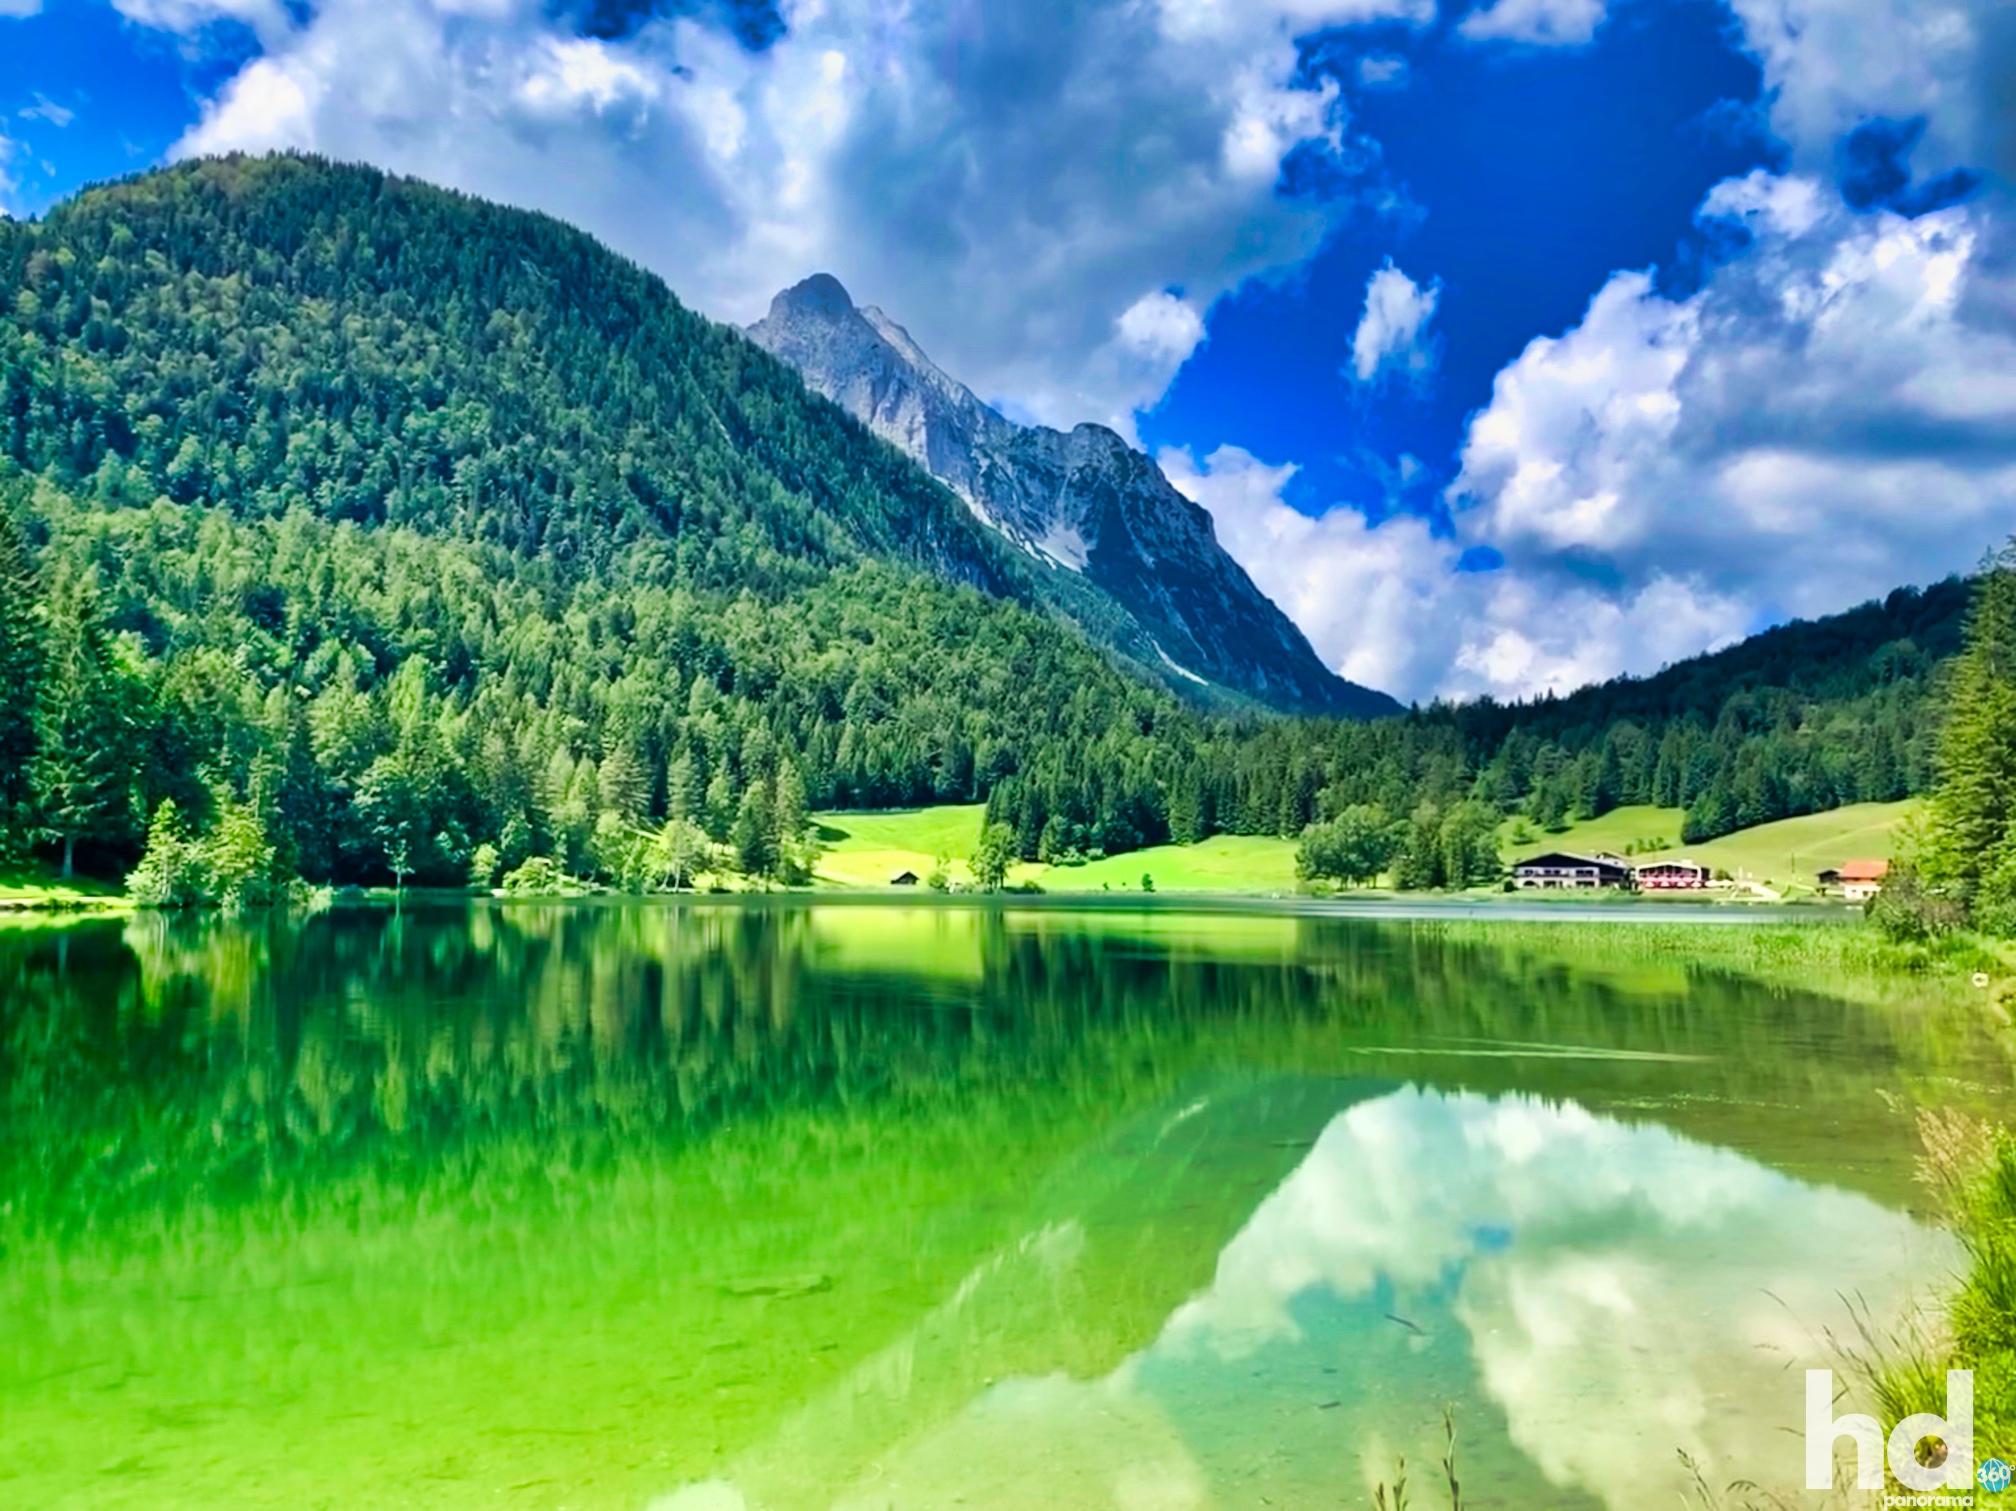 Der Lautersee bei Mittenwald im Karwendelgebirge - Foto © HD-Panorama